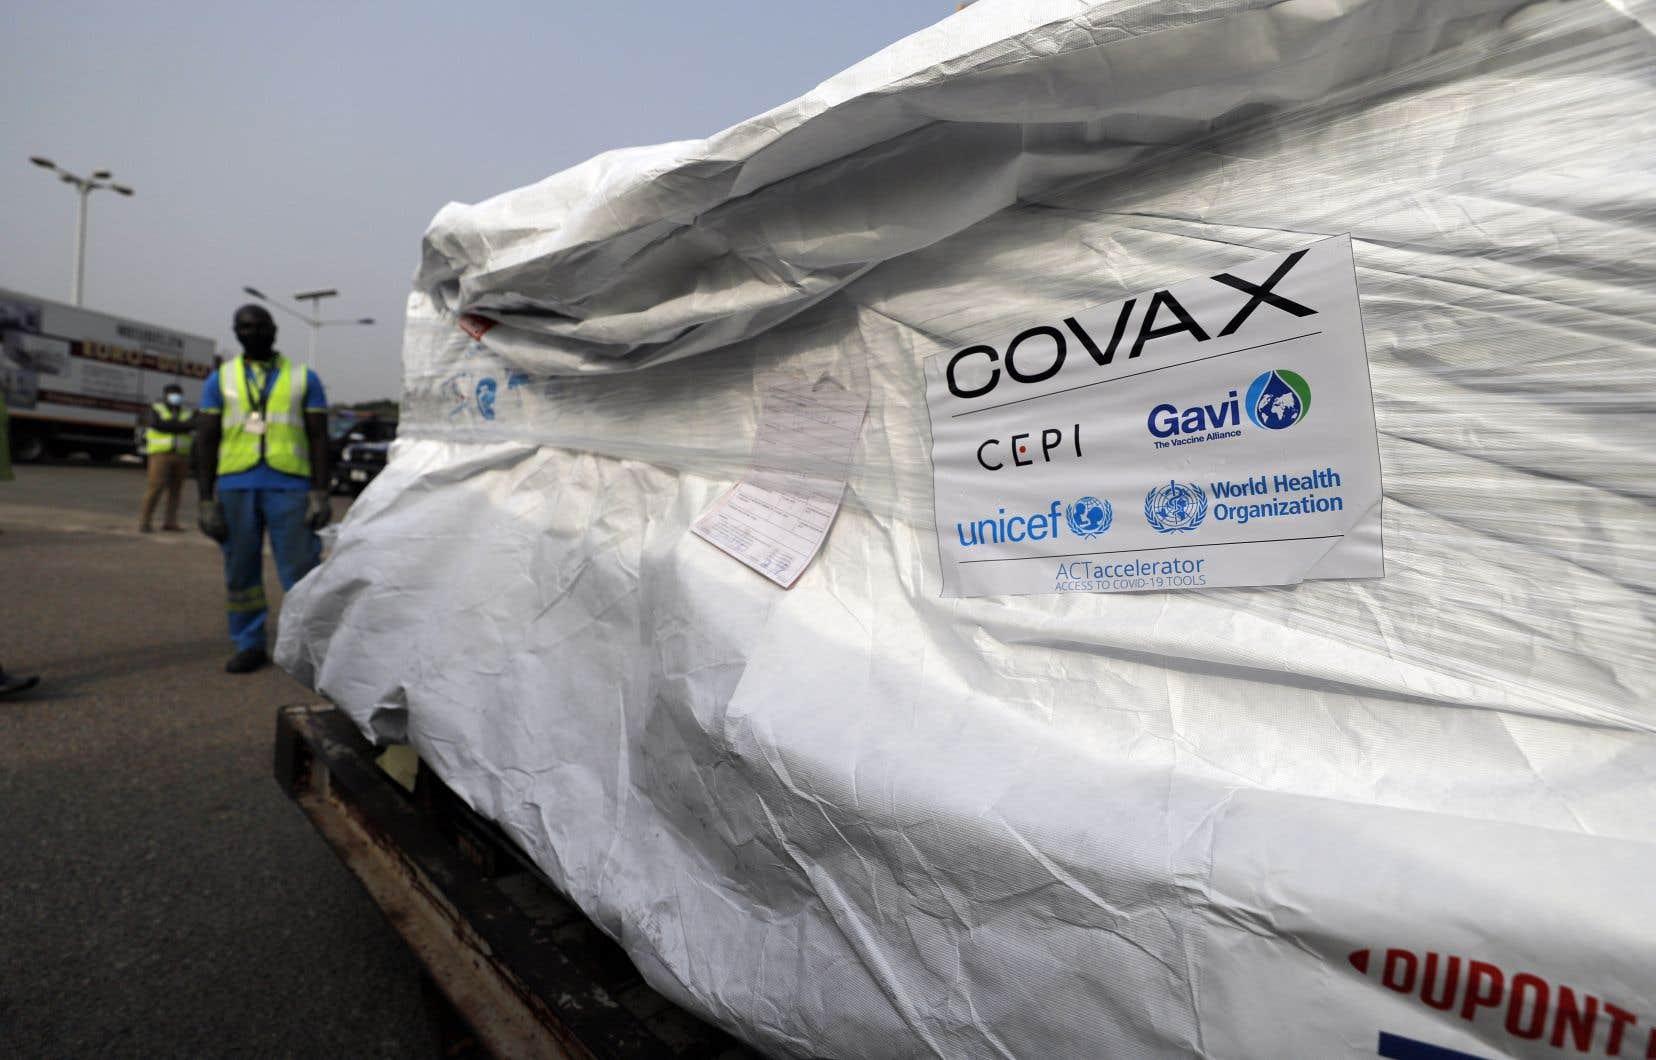 Un avion transportant 600000 doses du vaccin AstraZeneca a atterri, mercredi matin, à l'aéroport d'Accra, où une délégation du gouvernement ghanéen les a réceptionnées.